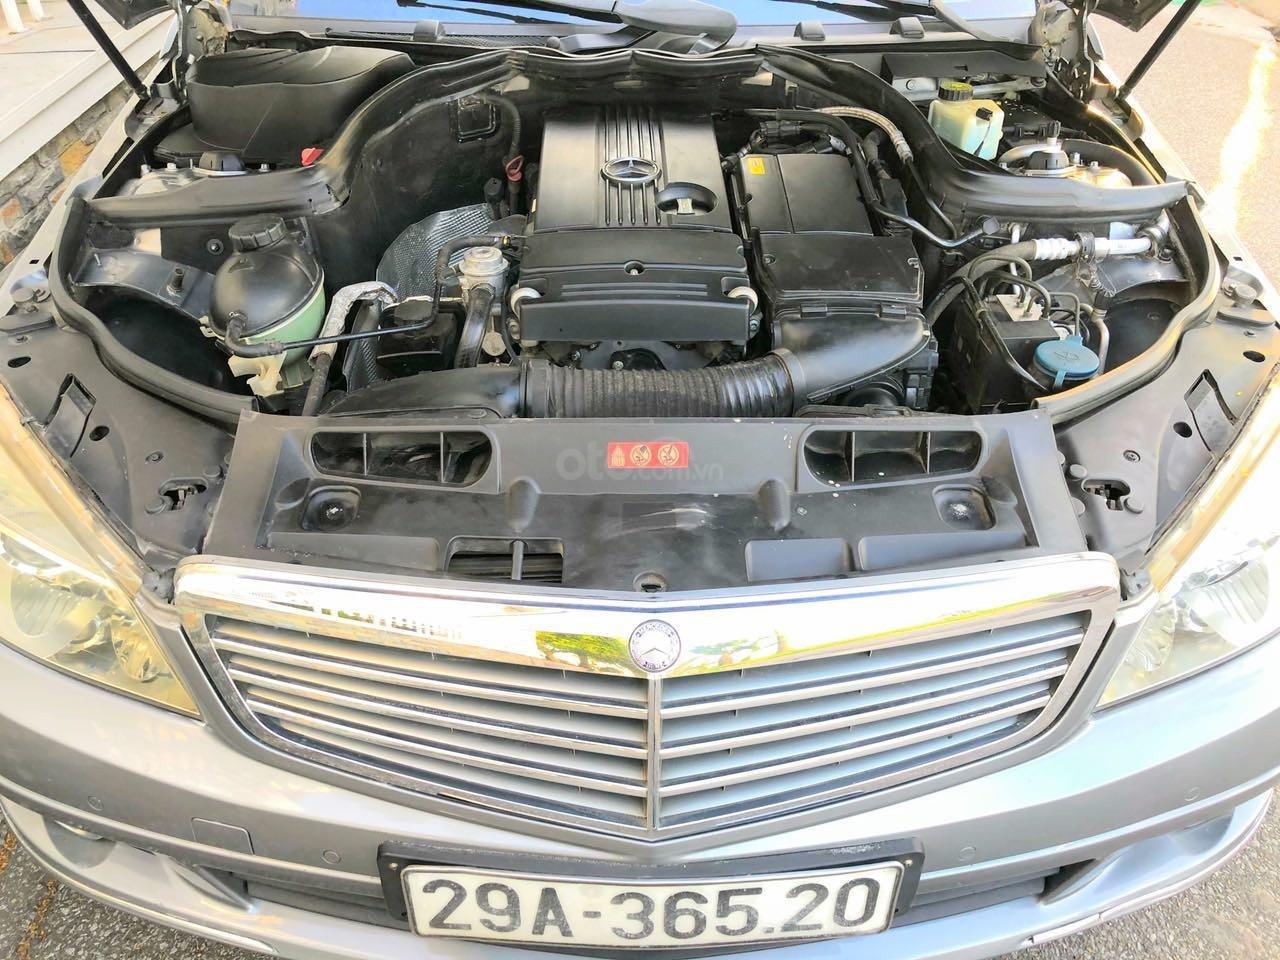 Bán xe Mercedes-Benz C class đăng ký lần đầu 2008, mới 95% giá tốt 415 triệu đồng (3)